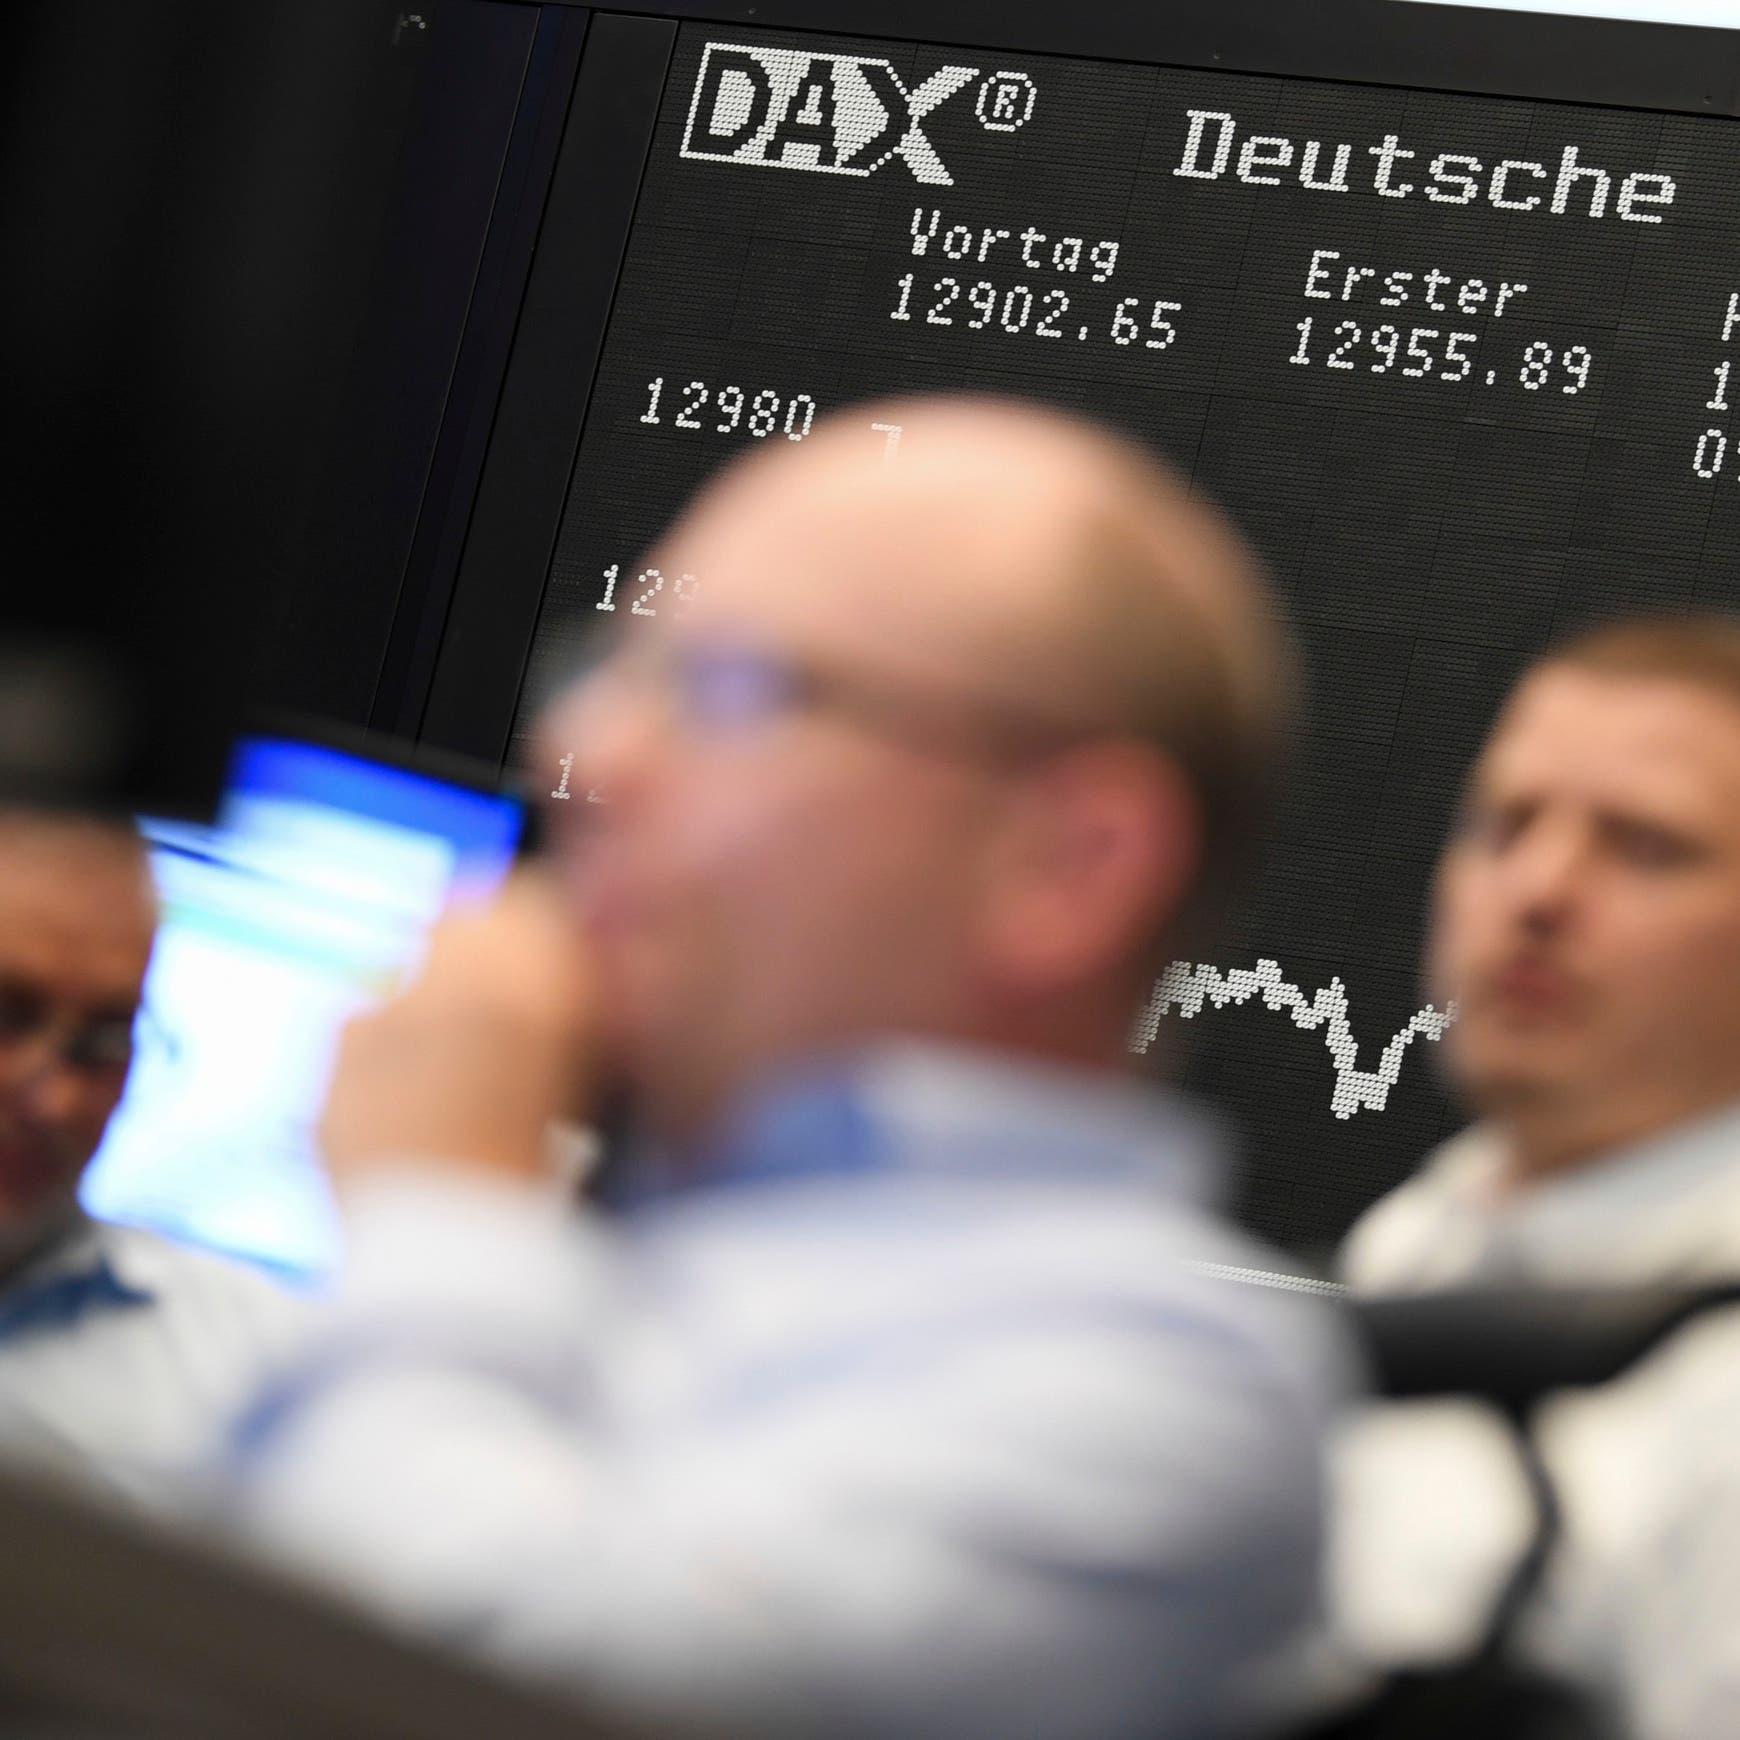 تحسن الشهية في أسواق أوروبا مع نهاية سبتمبر